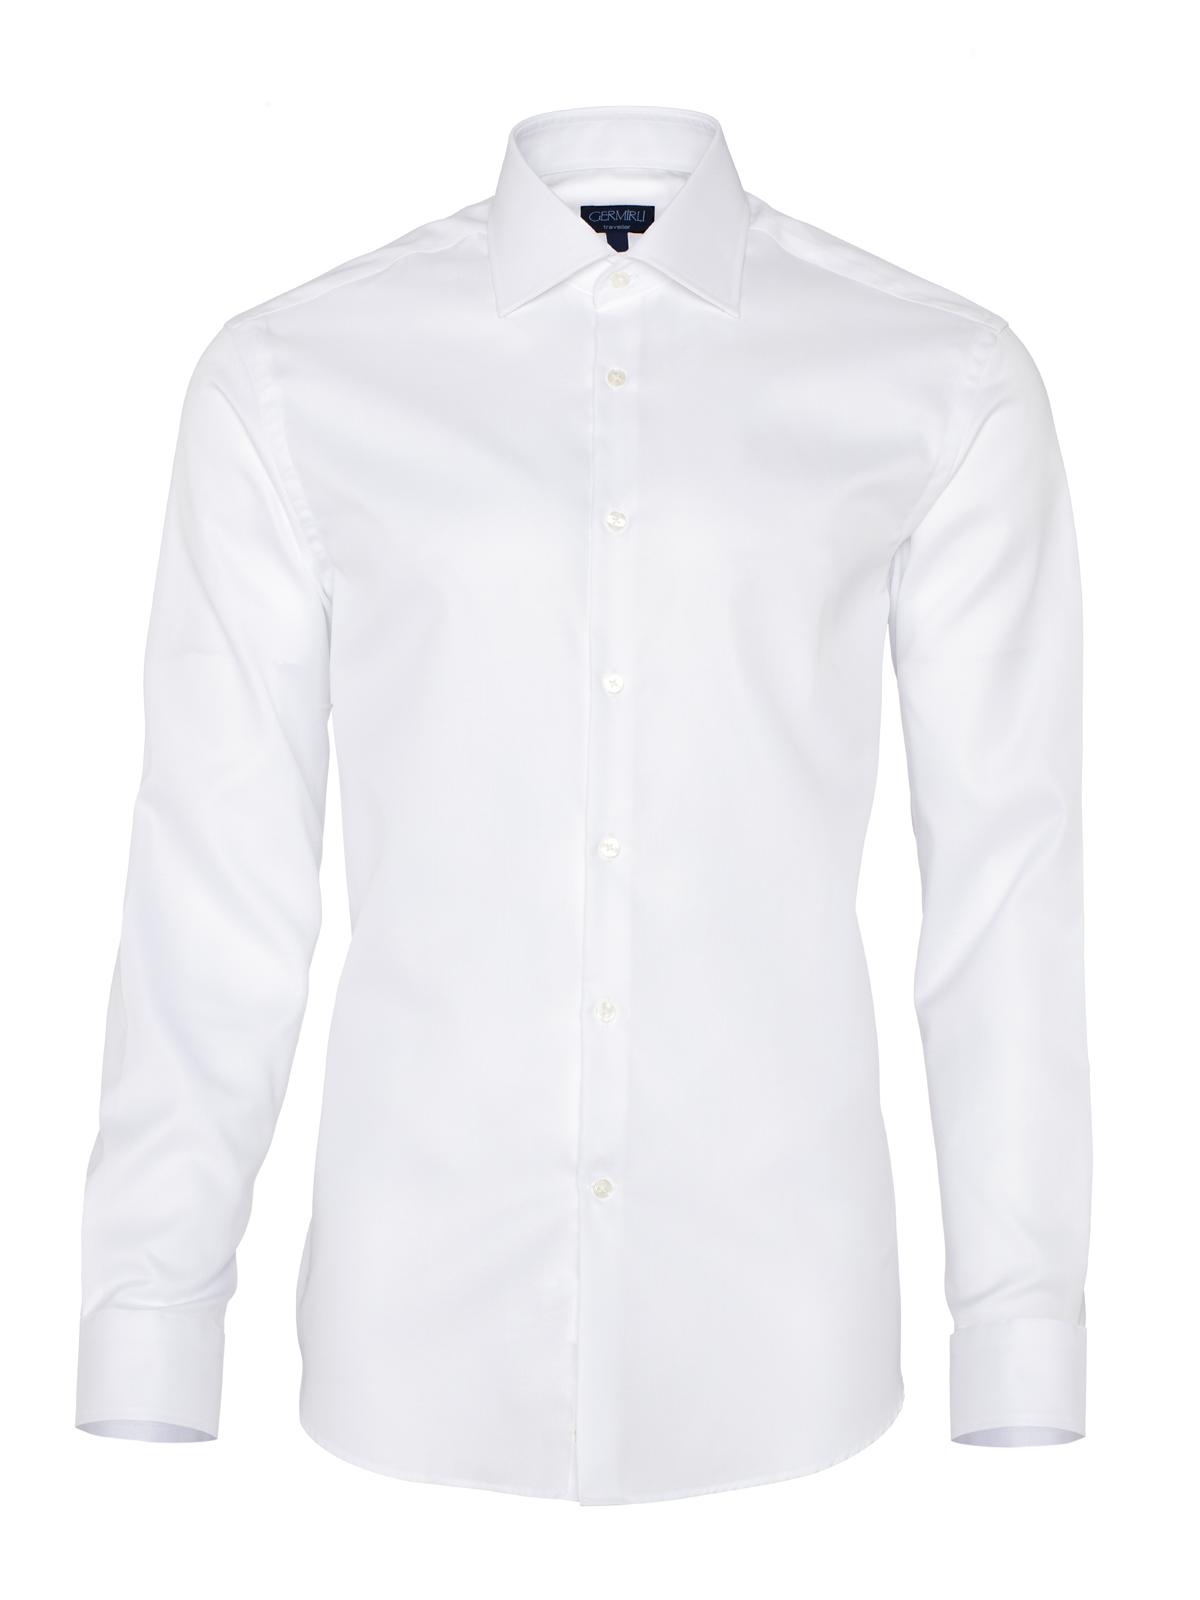 Germirli Non Iron Beyaz Poplin Klasik Yaka Tailor Fit Journey Gömlek